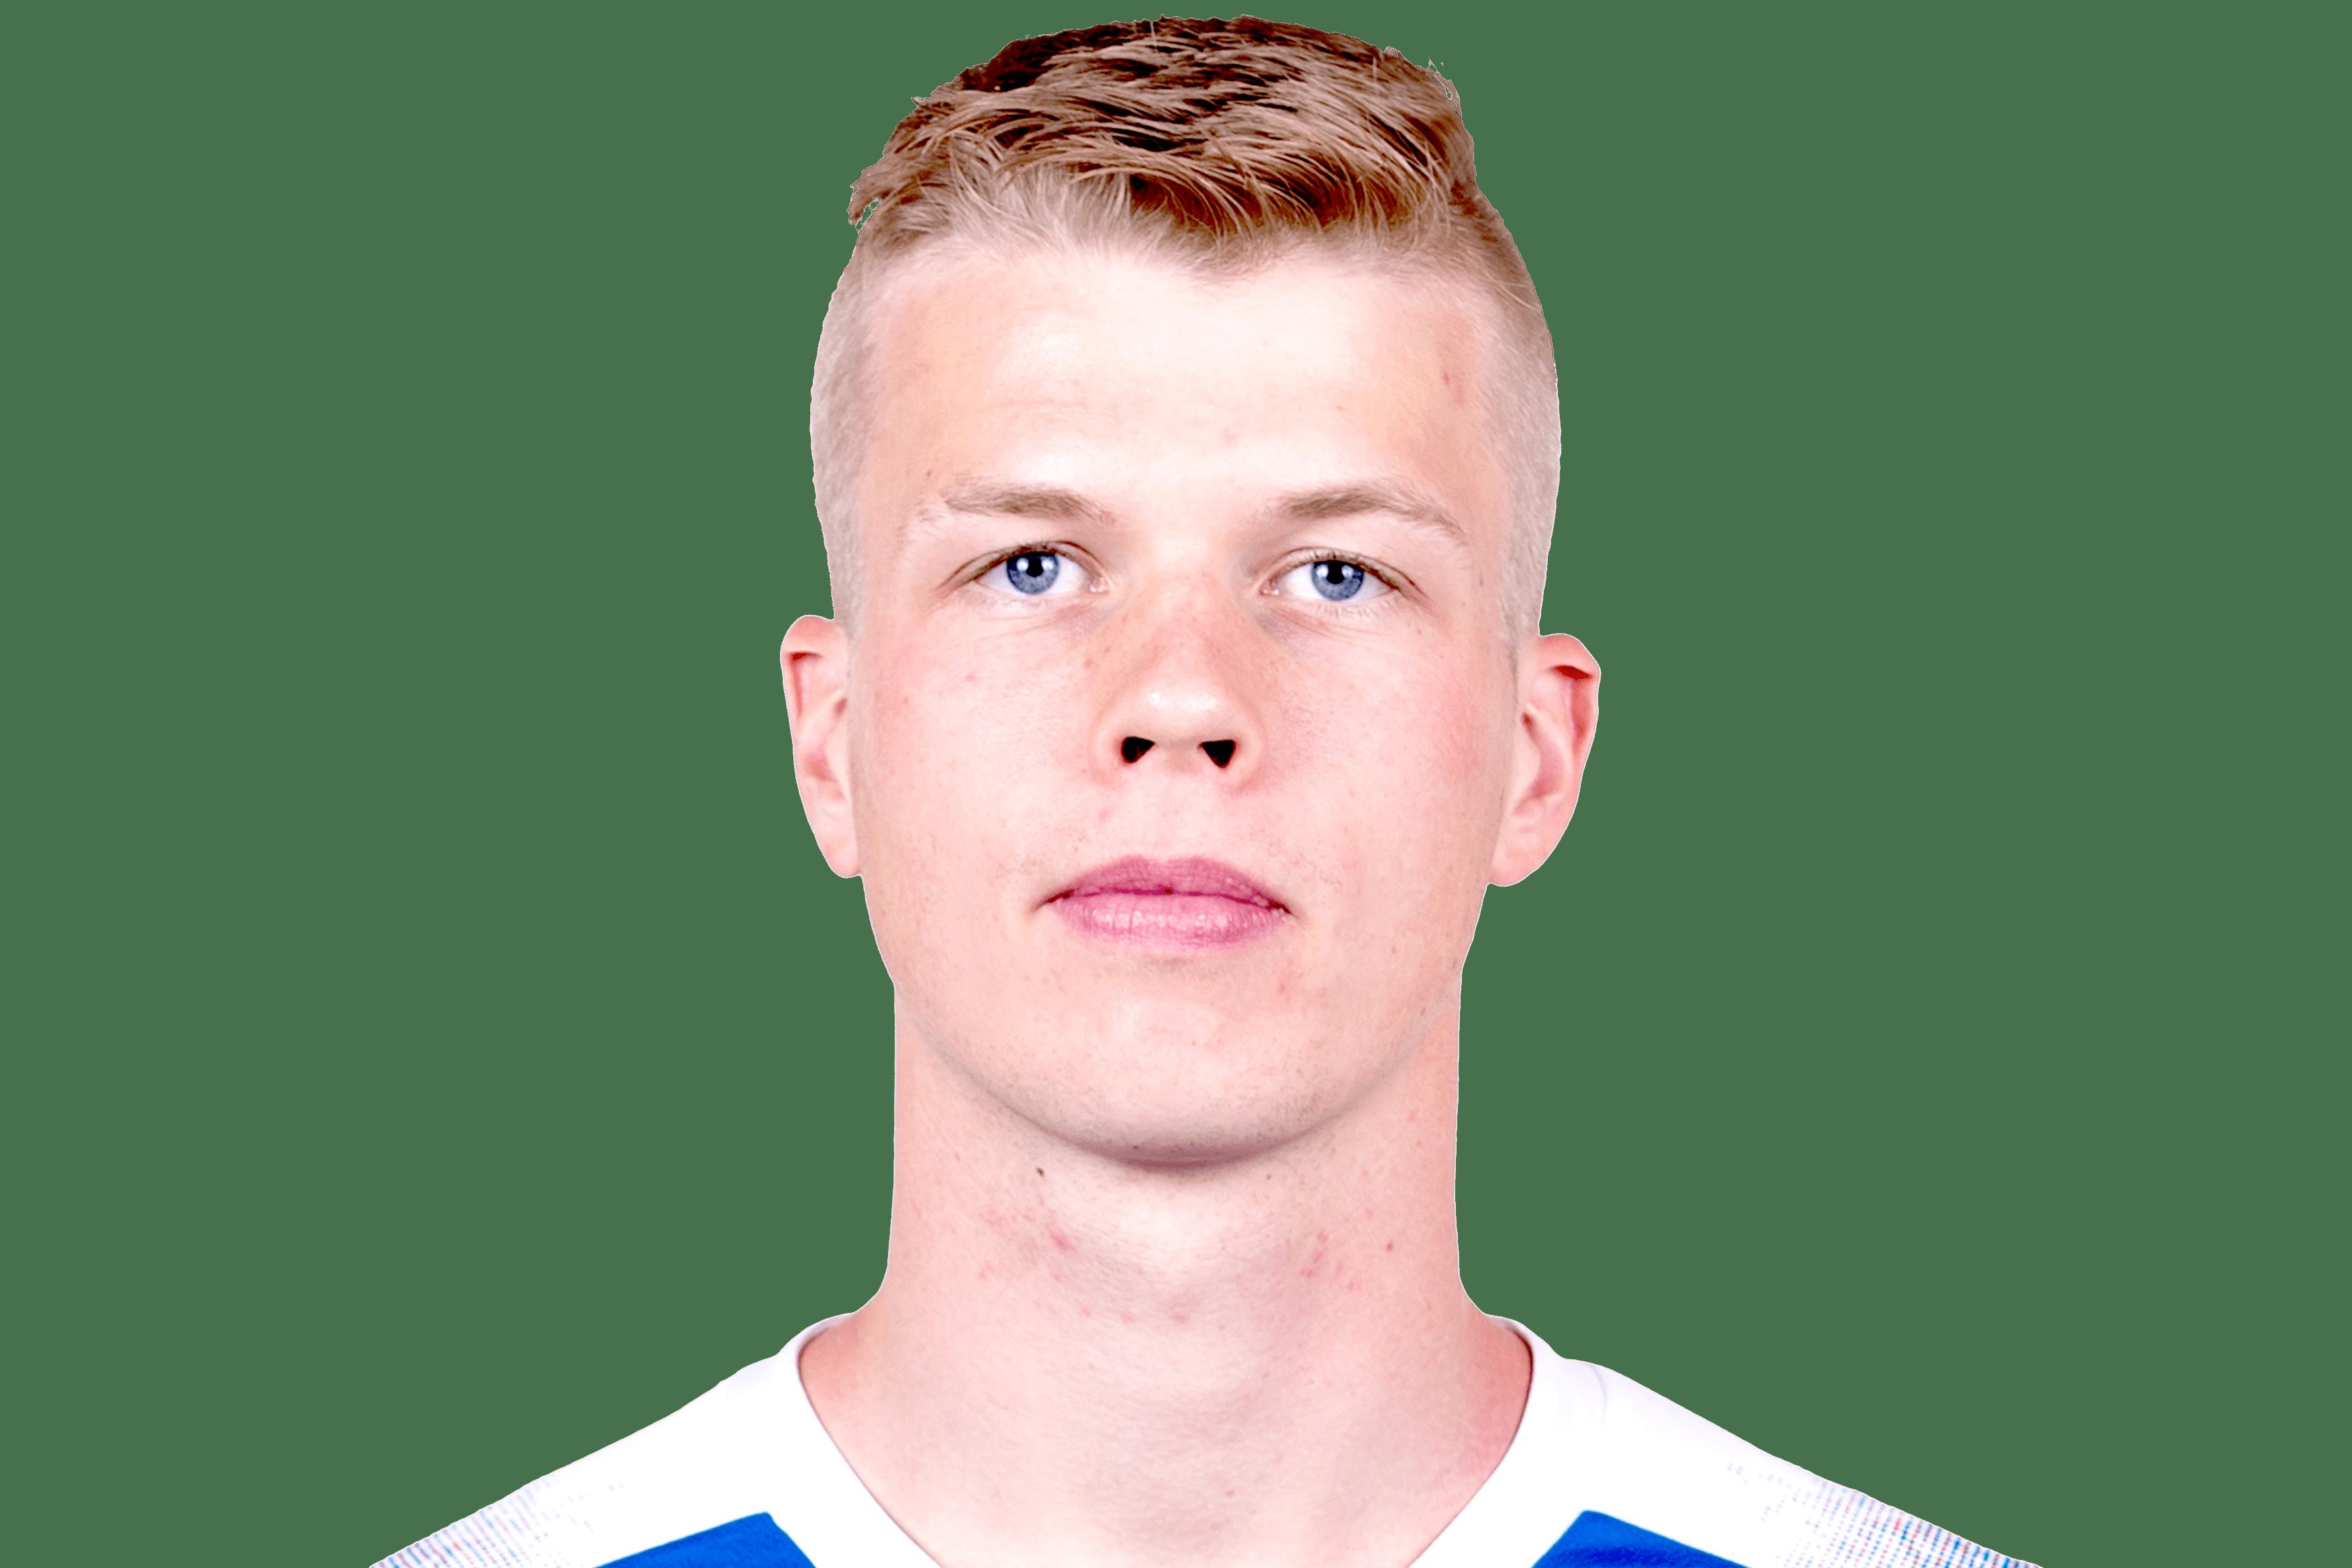 Samúel Kári Fridjónsson